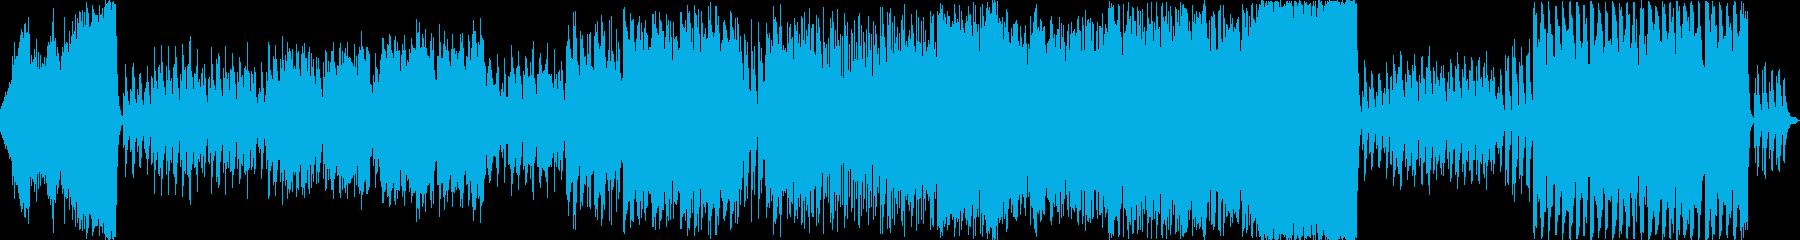 神秘的なピアノ+オーケストラ曲の再生済みの波形